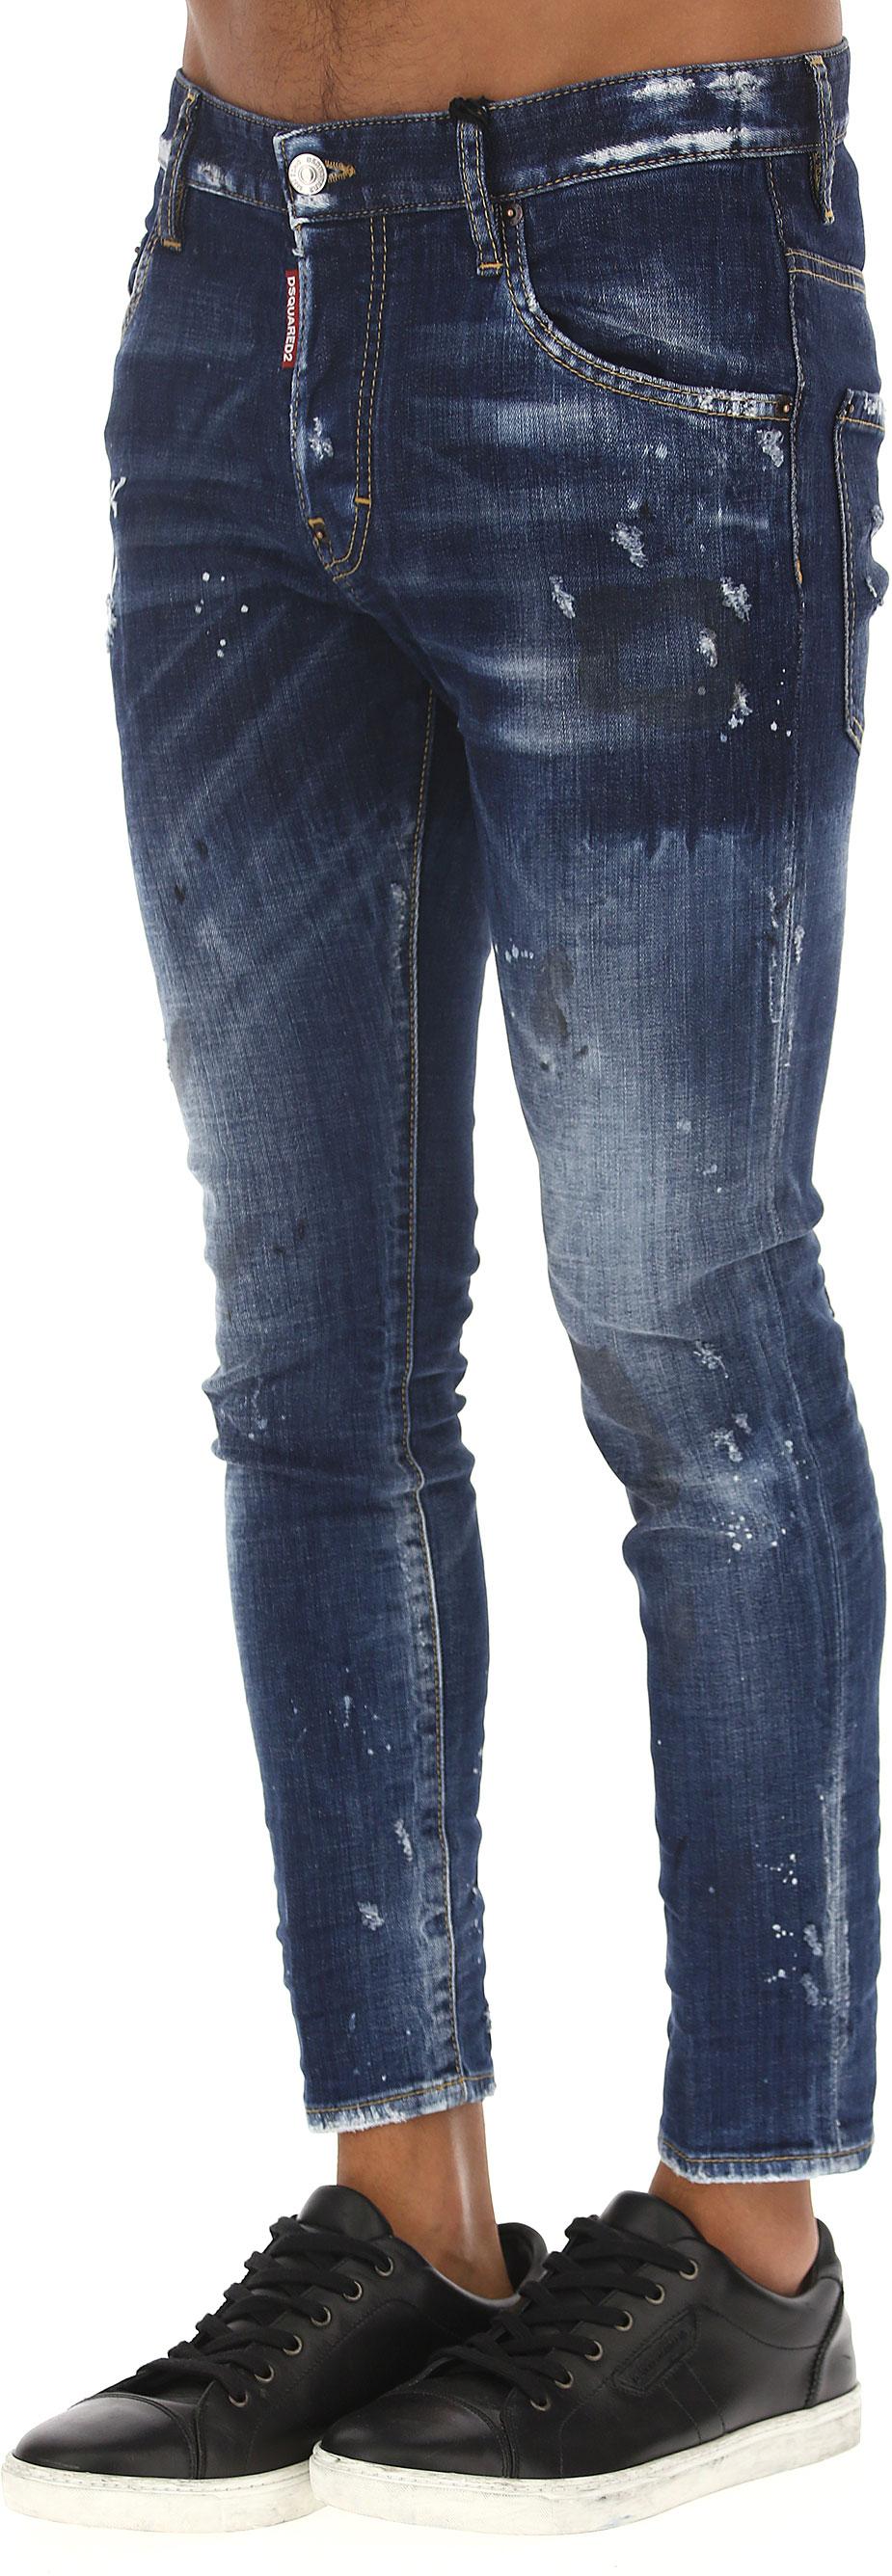 Abbigliamento Uomo Dsquared, Codice Articolo: lb0257-s30342-470